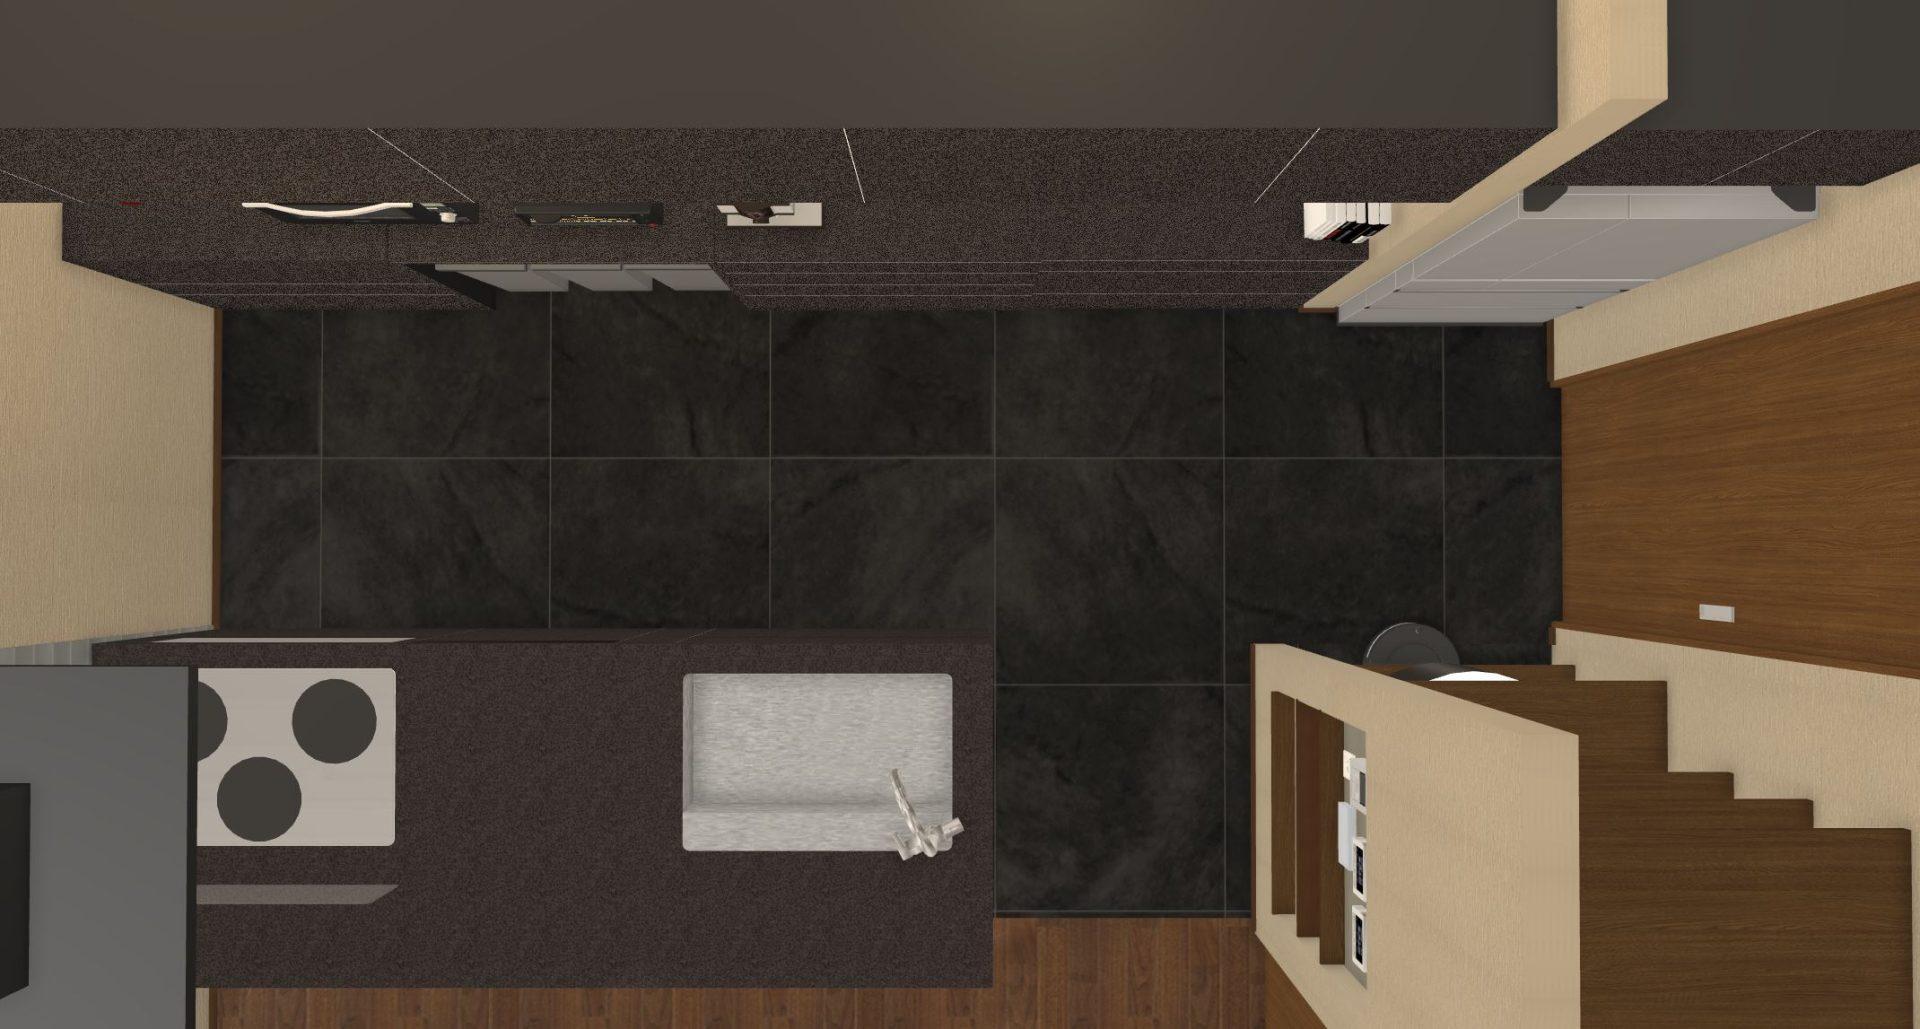 キッチンの床はフロアタイル